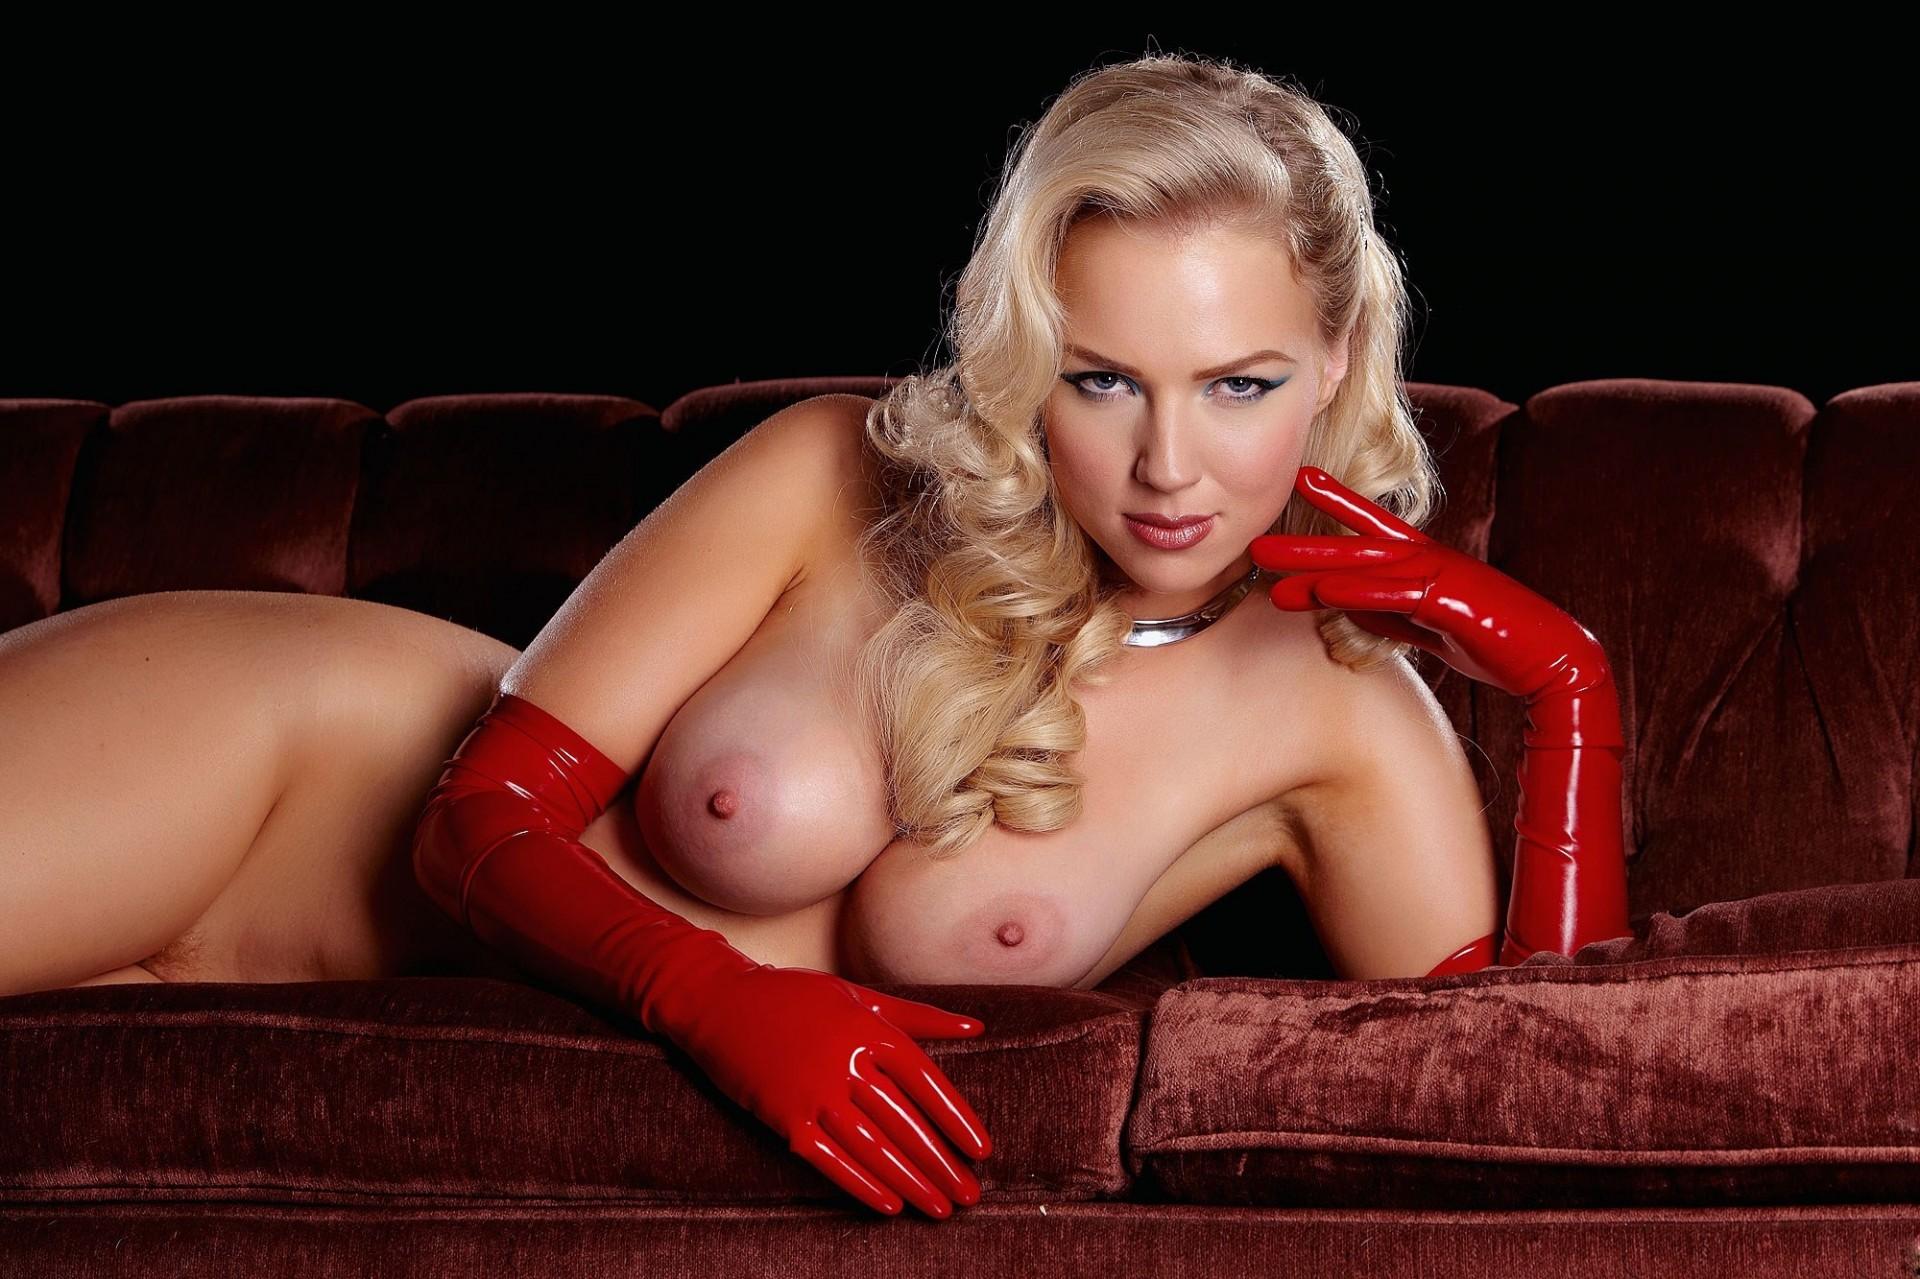 Порно секс гламурные красавицы в сексуальных костюмах высокое качество — pic 13